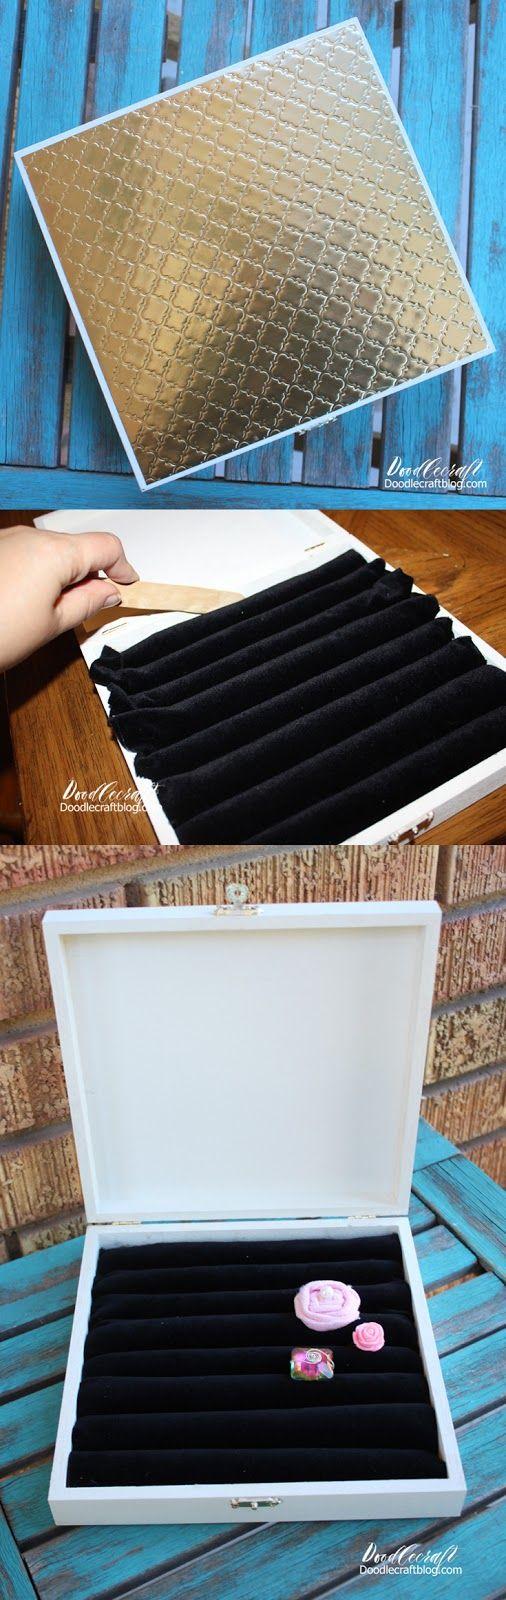 DIY: Cigar Box Upcycled Ring Holder!  Great handmade gift idea!  Velvet rows for loads of rings!